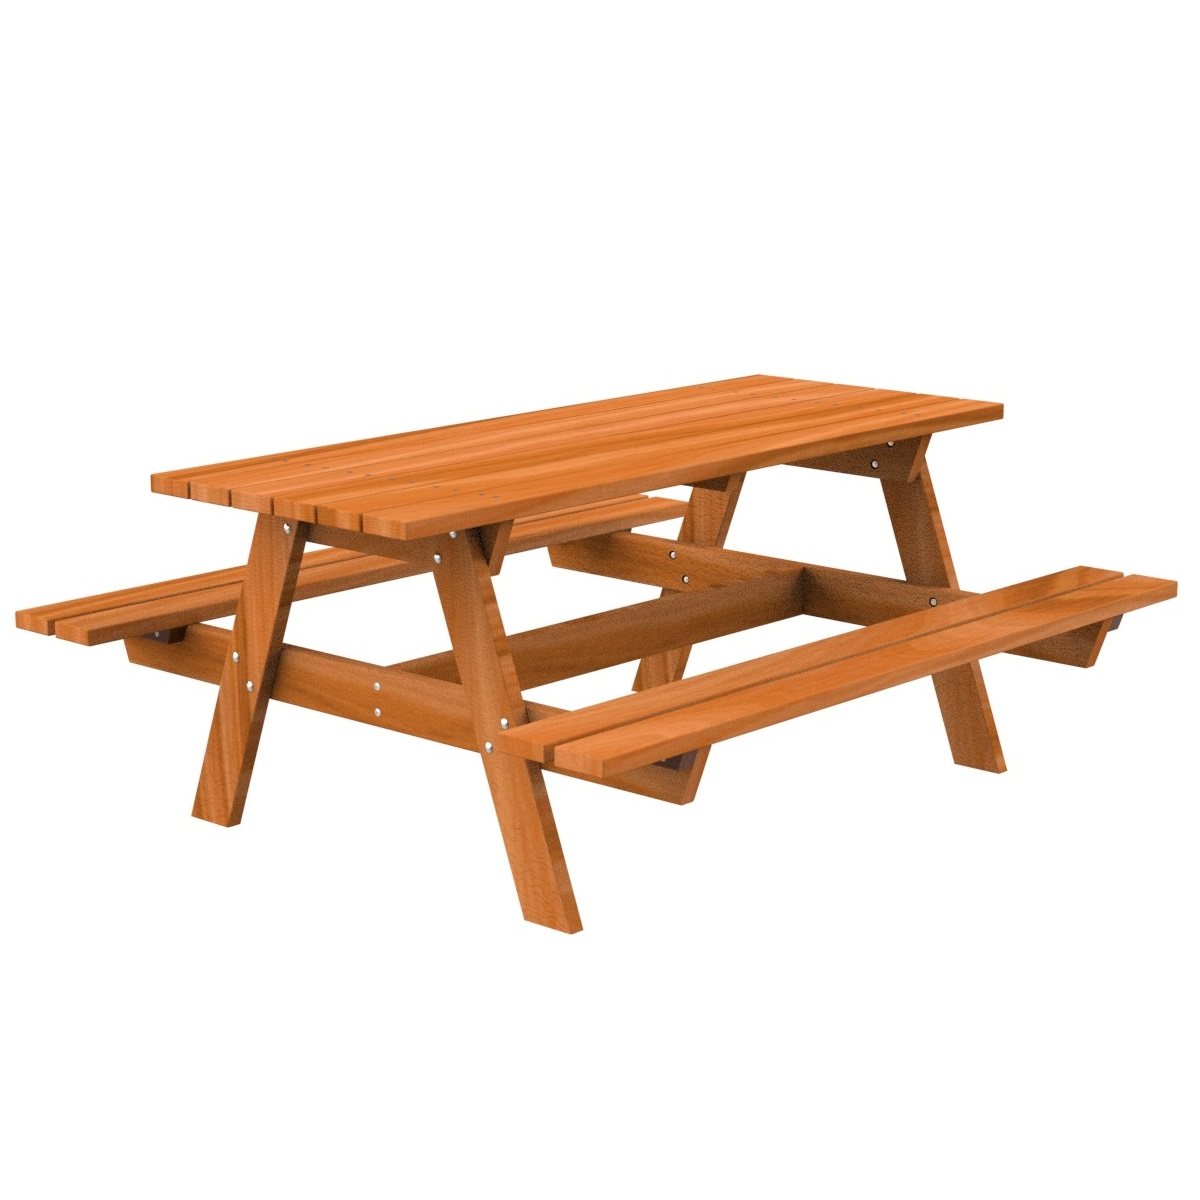 Mesa picnic madera tropical mobiliario urbano parques y - Mesas de madera de jardin ...